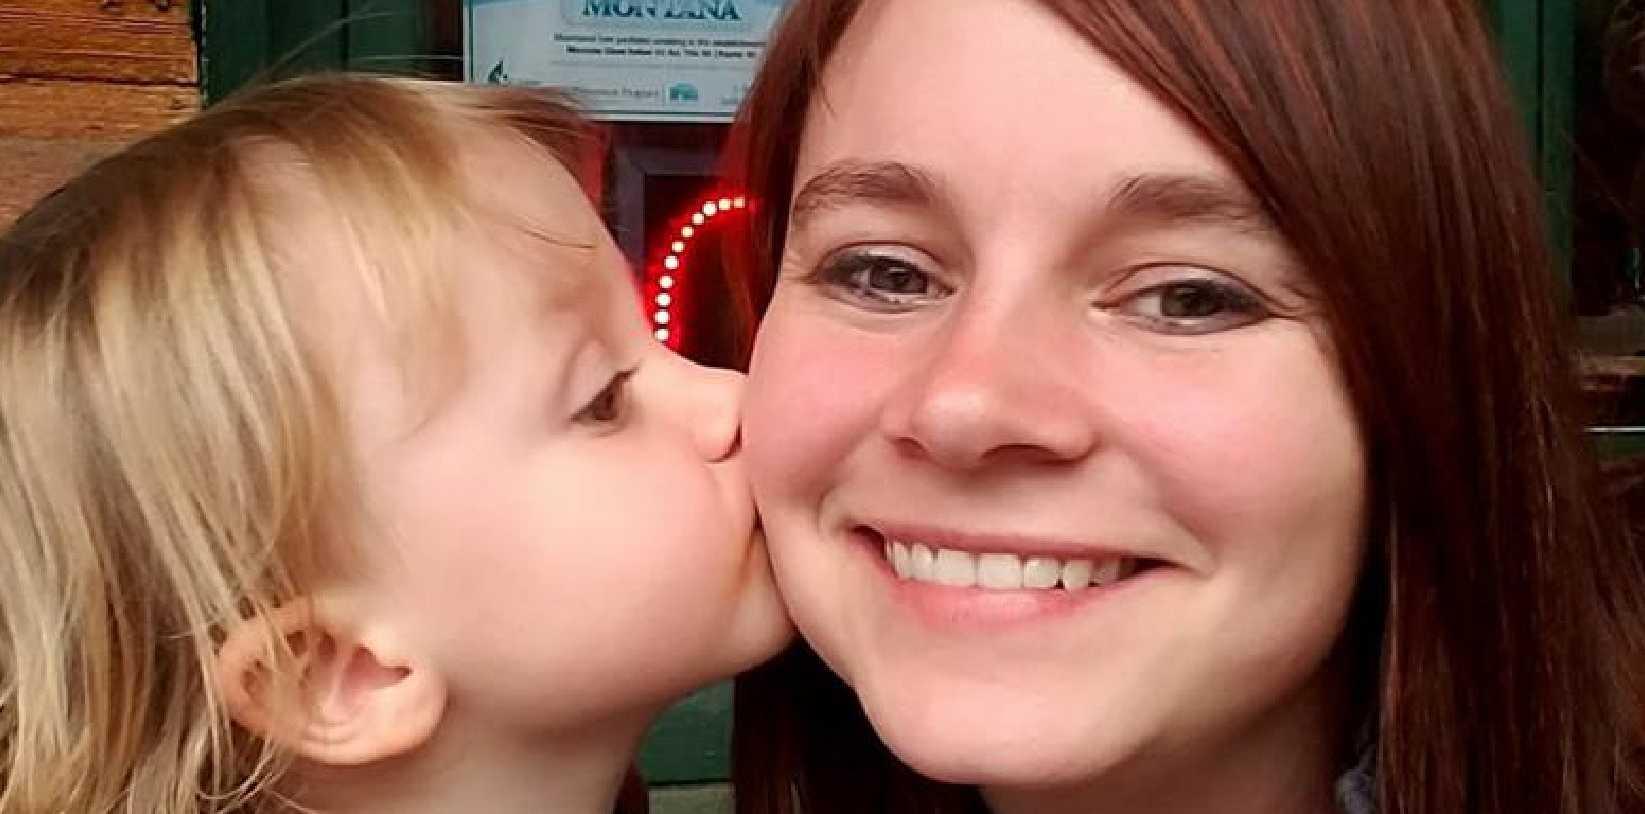 Sierra Greenlee with her daughter Arya.